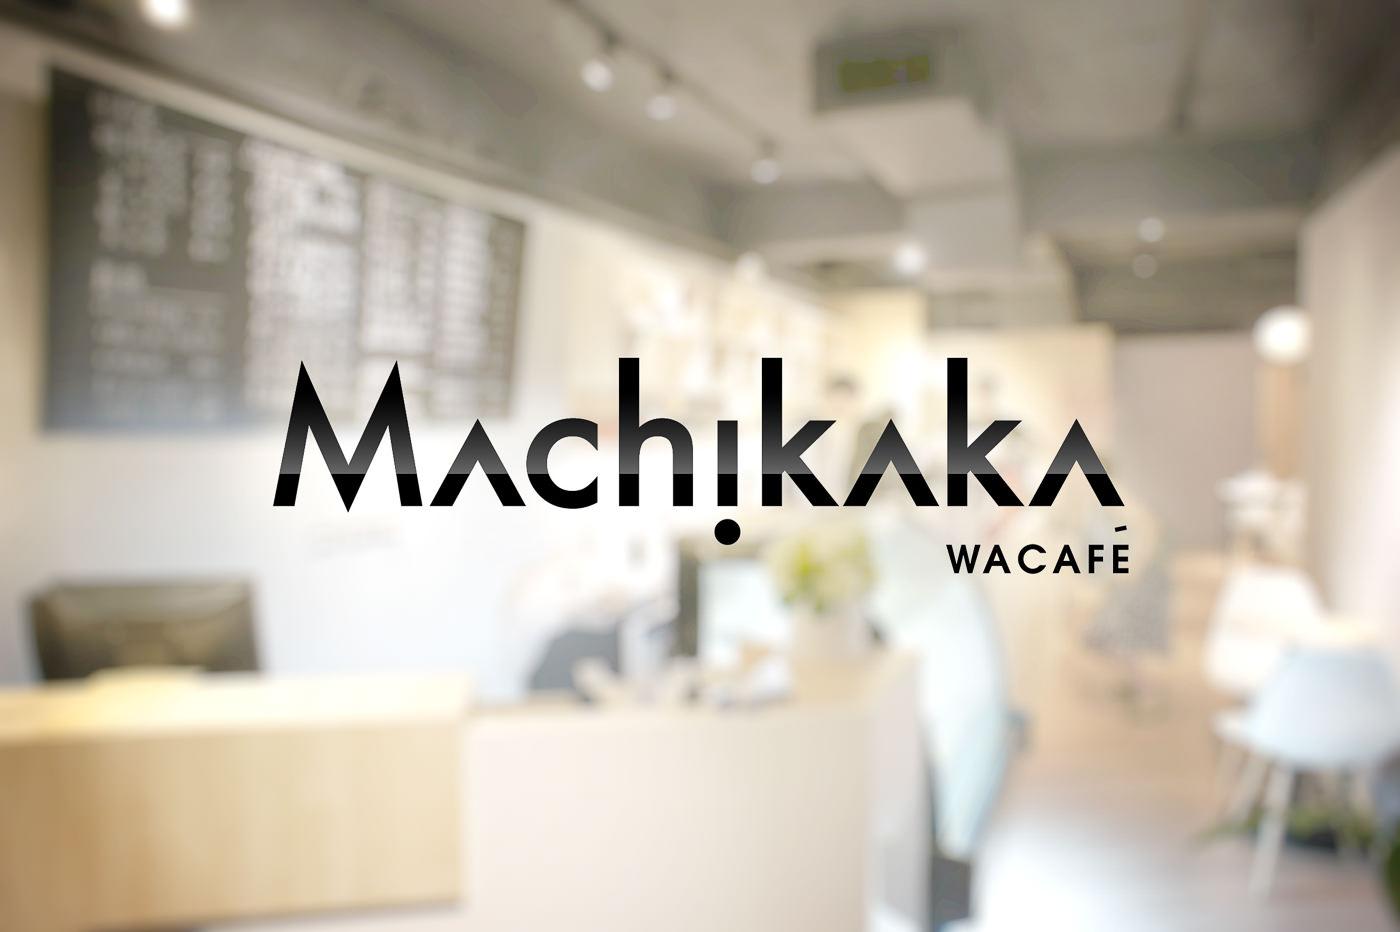 三名治-專案-品牌設計-Machikaka-Wa-Cafe-logo形象